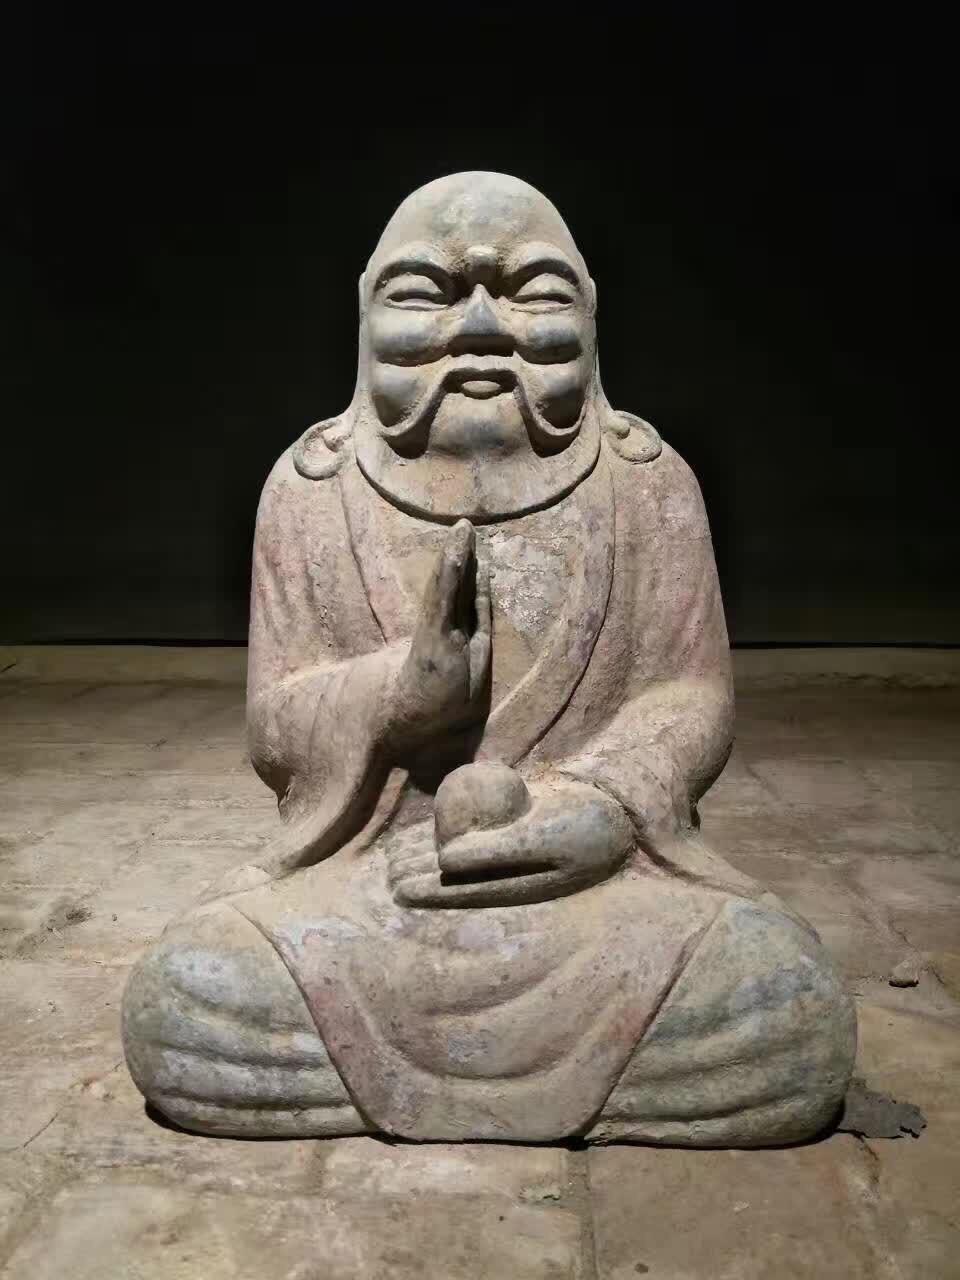 私人博物馆 古石雕